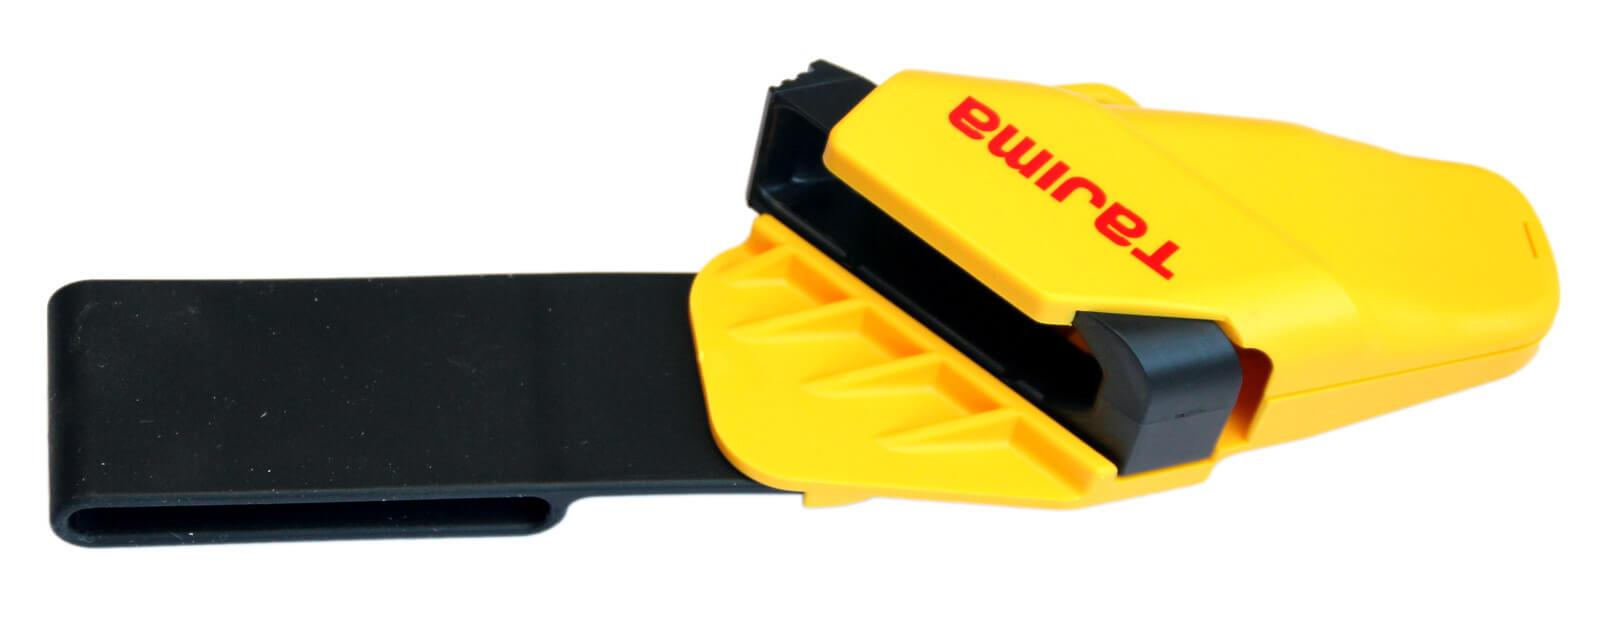 Z003-Holster-Gürteltasche-für-TajimaCuttermesser-Driver-C061-und-U006-ohne-Messer-CURT-tools